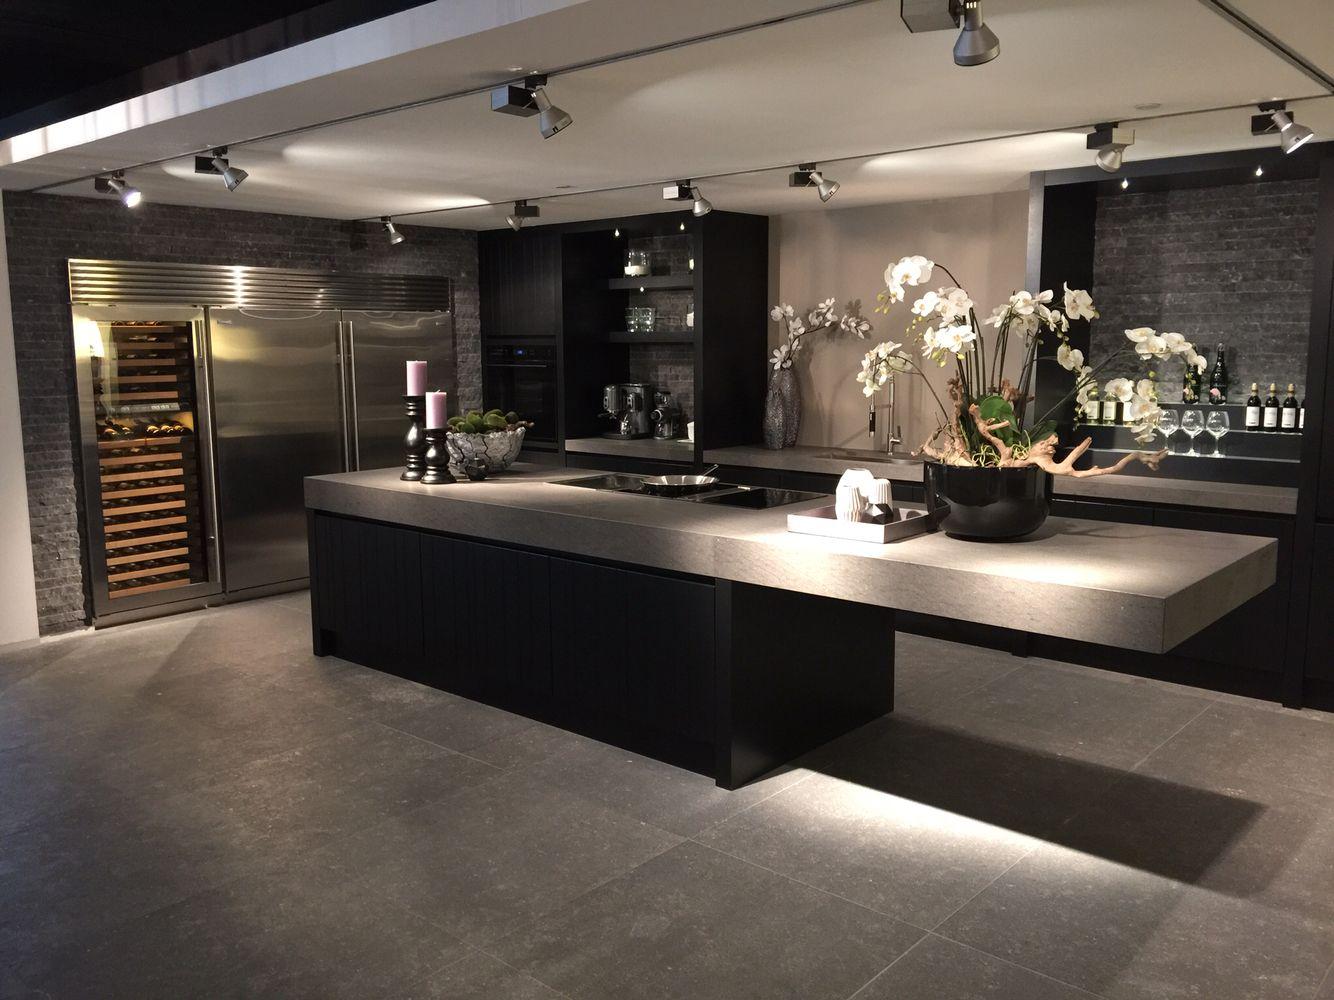 Mooie barletti keuken cuisine cosy ilot küche die